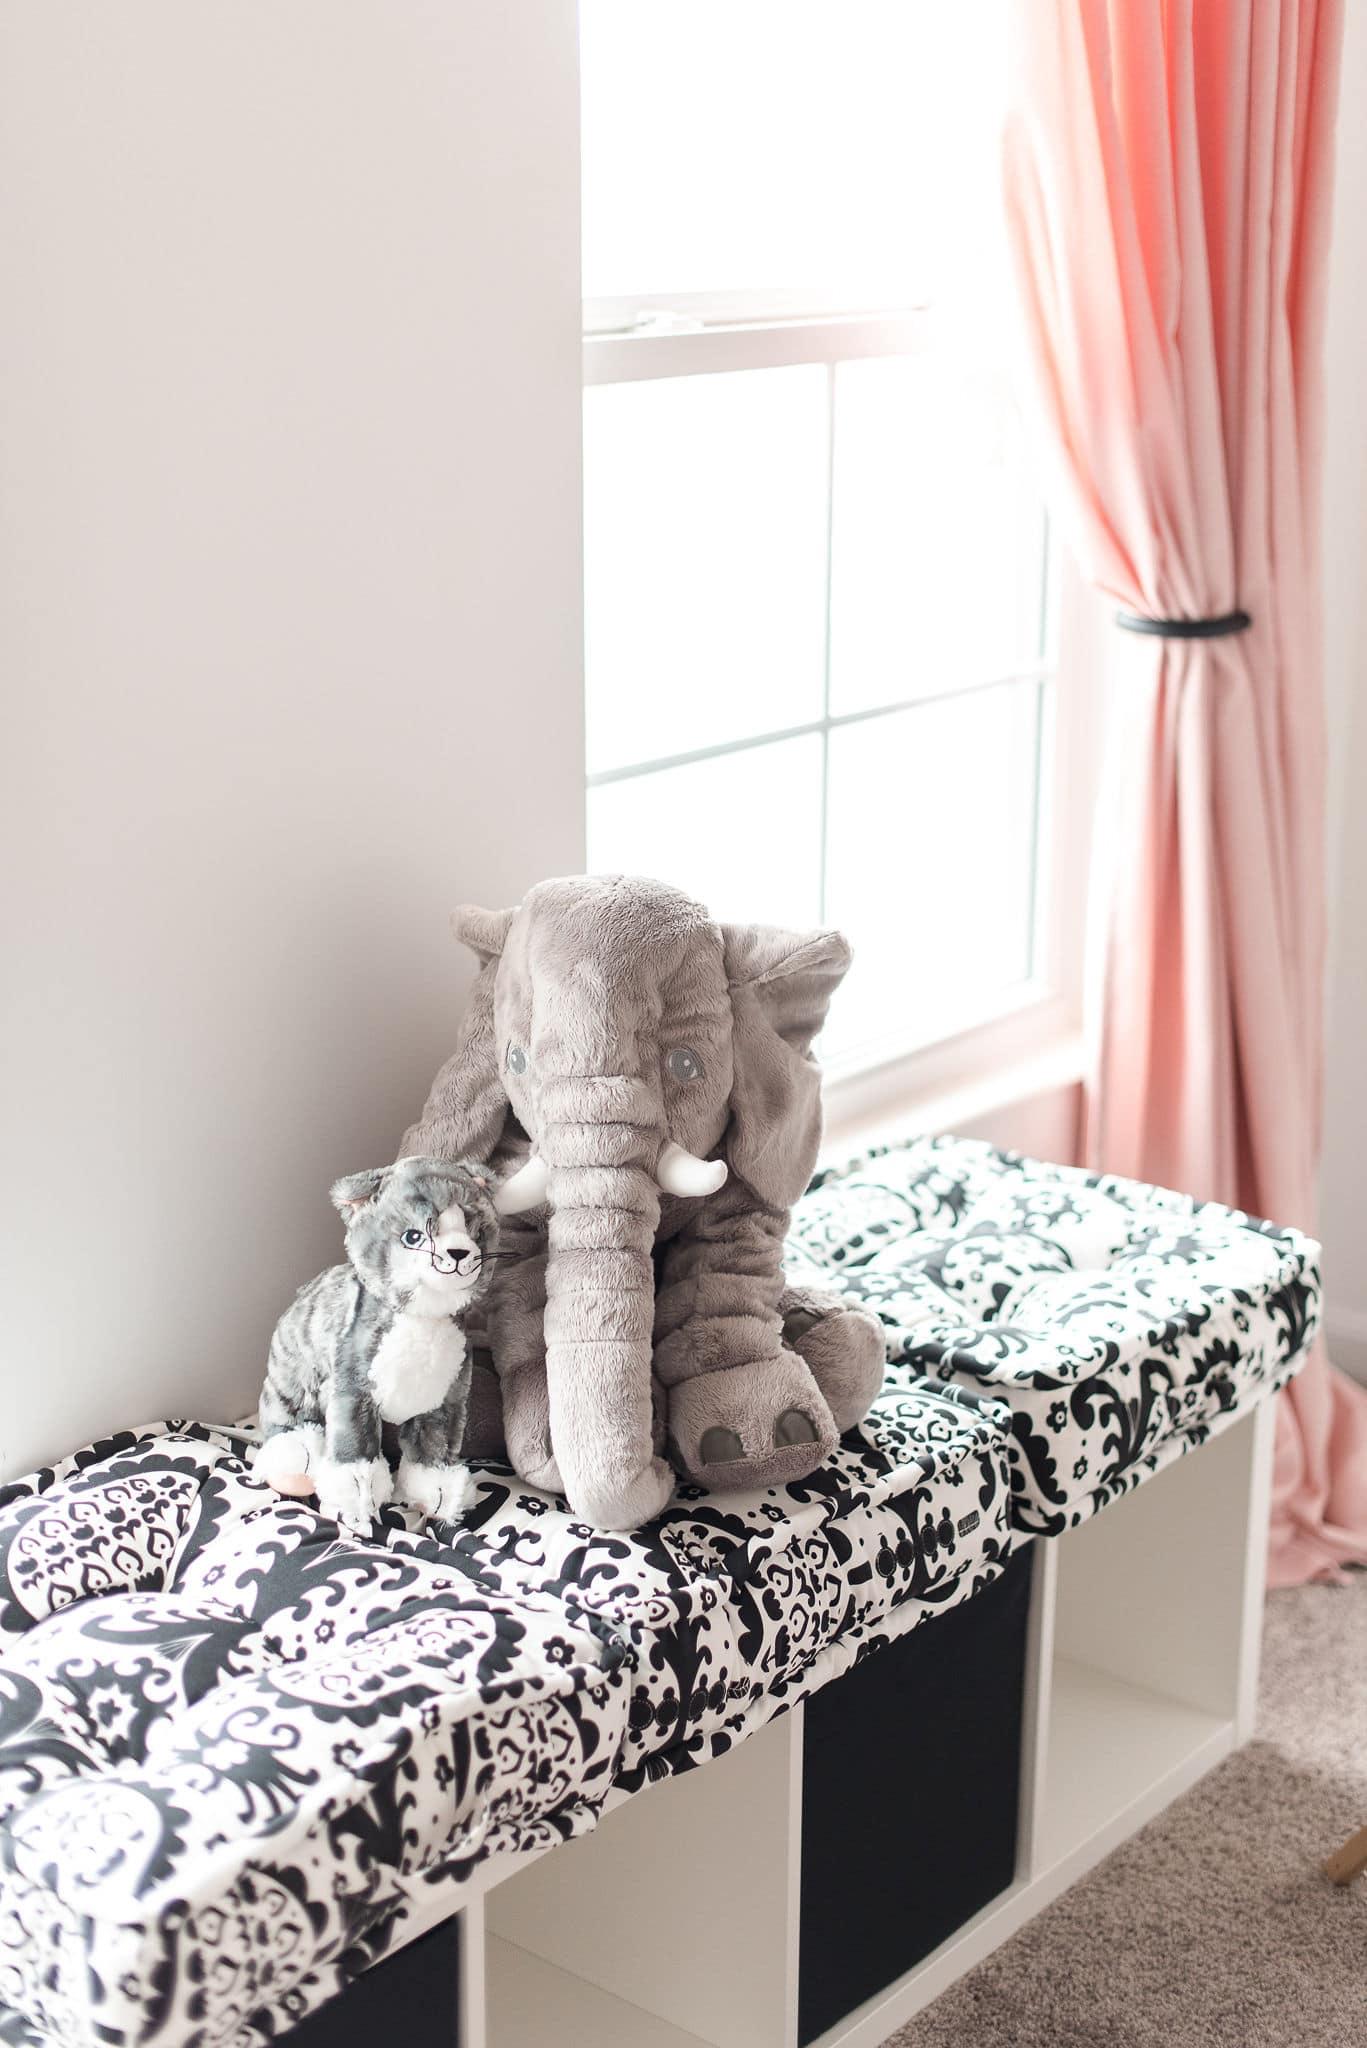 NurseryReveal96